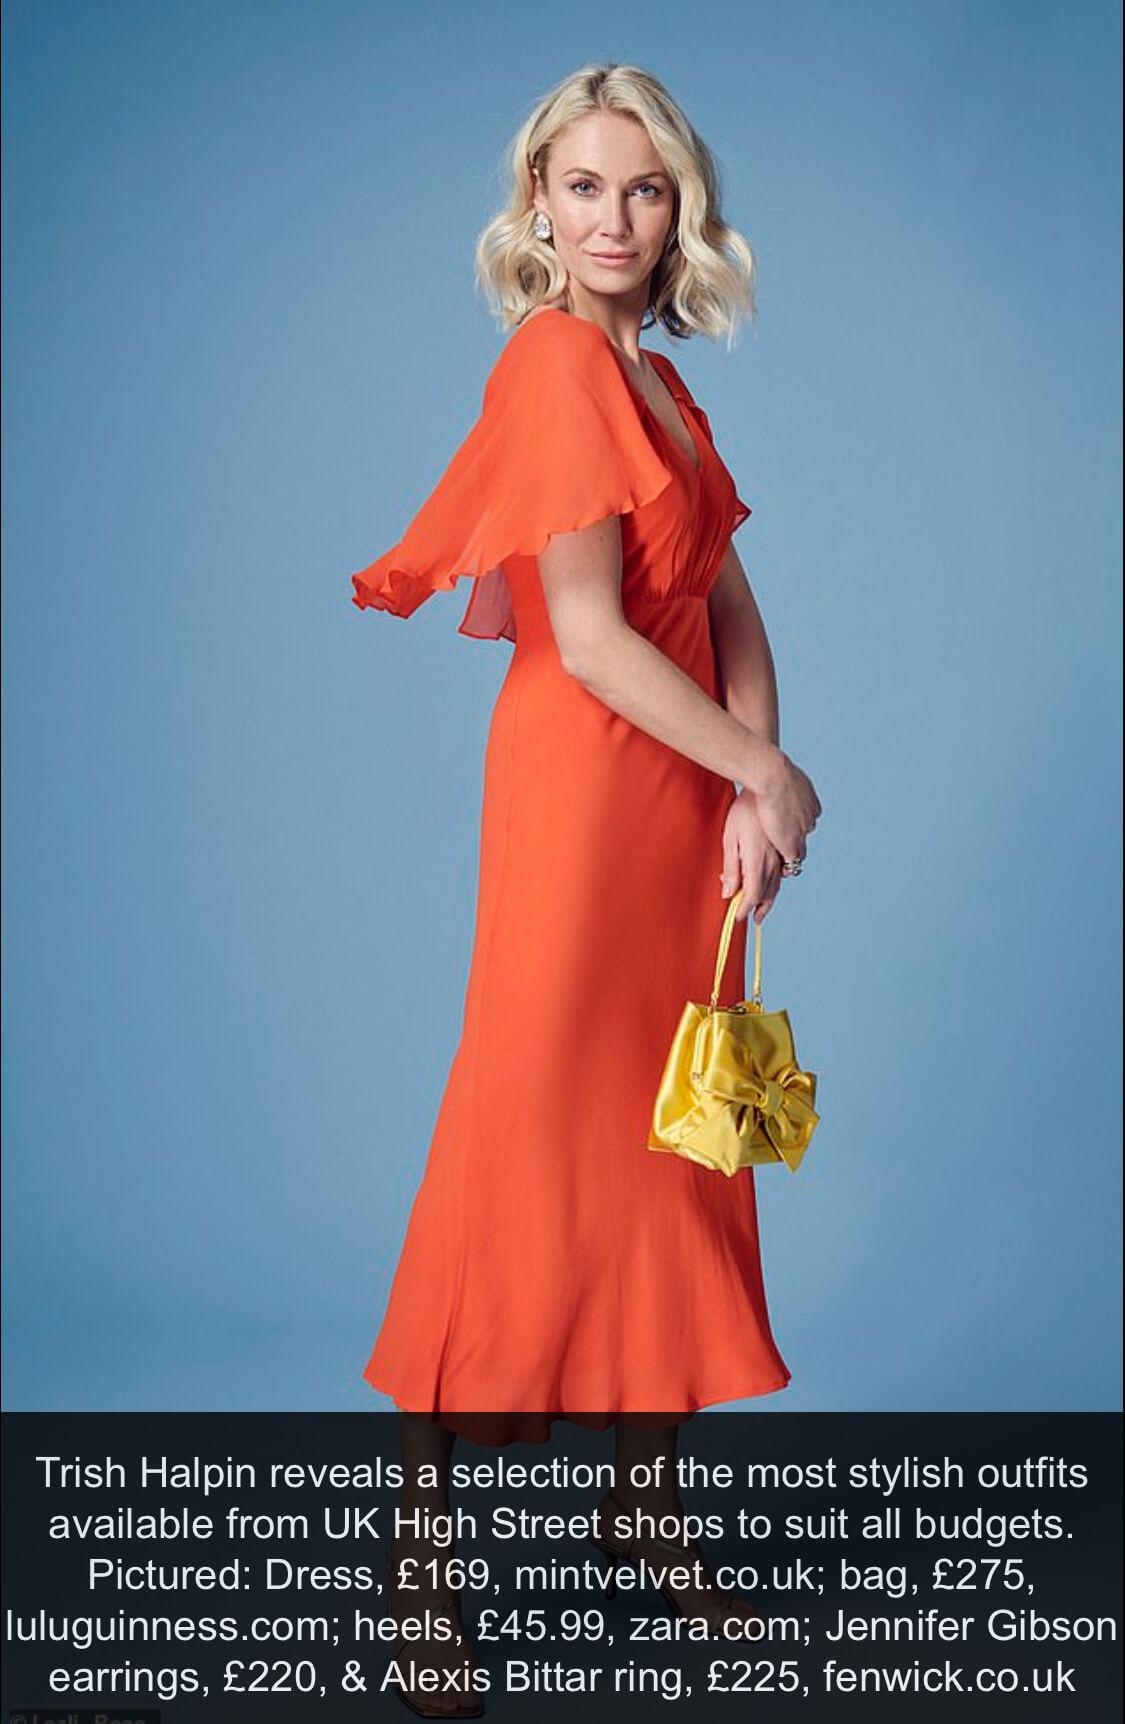 The Mail Fashion May 2021 (3)-Jennifer Gibson Jewellery